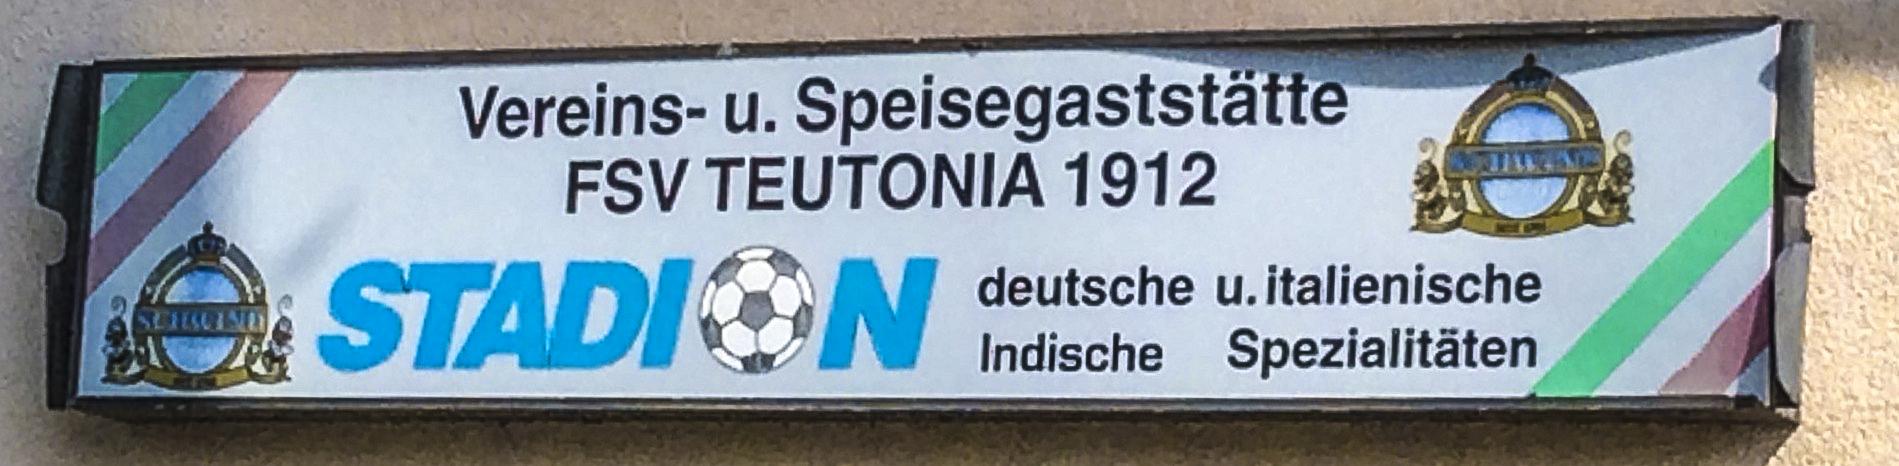 parabiago-calcio-juniores-torneo-aschaffenburg